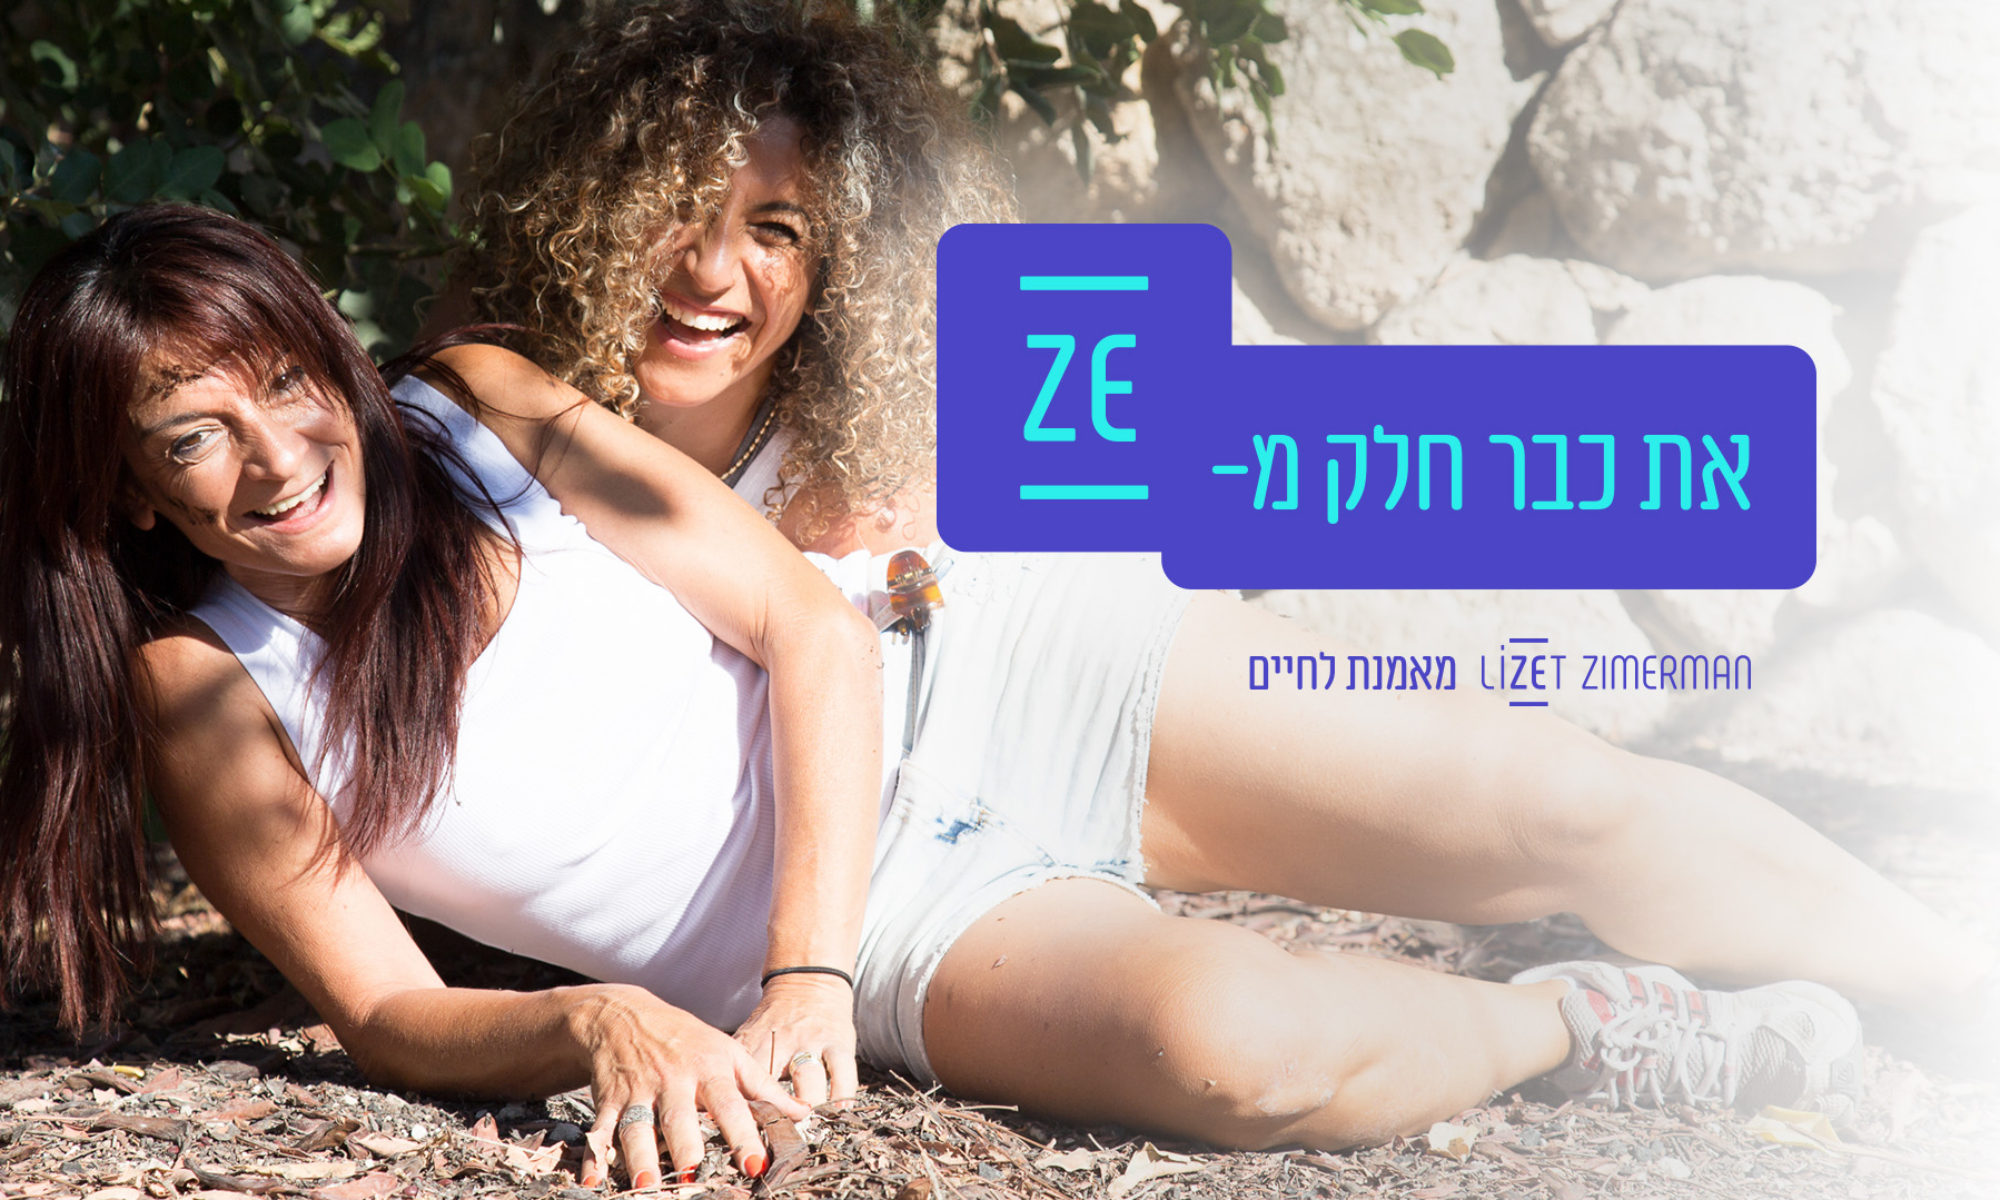 לעשות את ZE קל